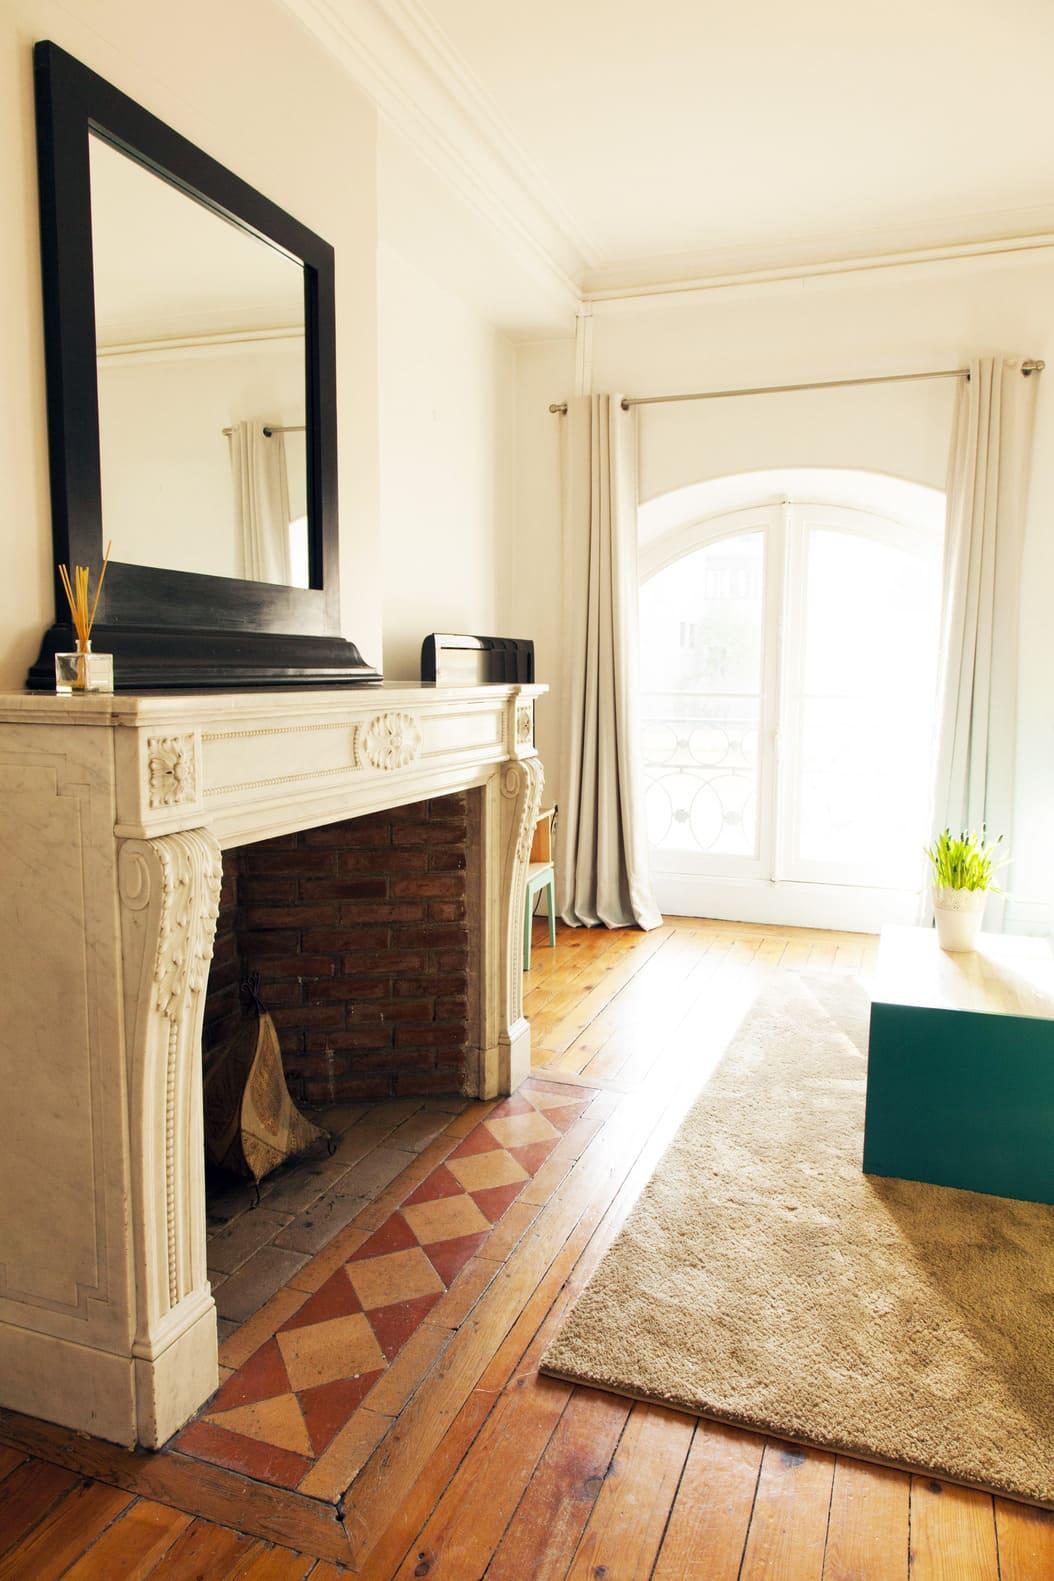 L'hôtel particulier - Bordeaux - image 12